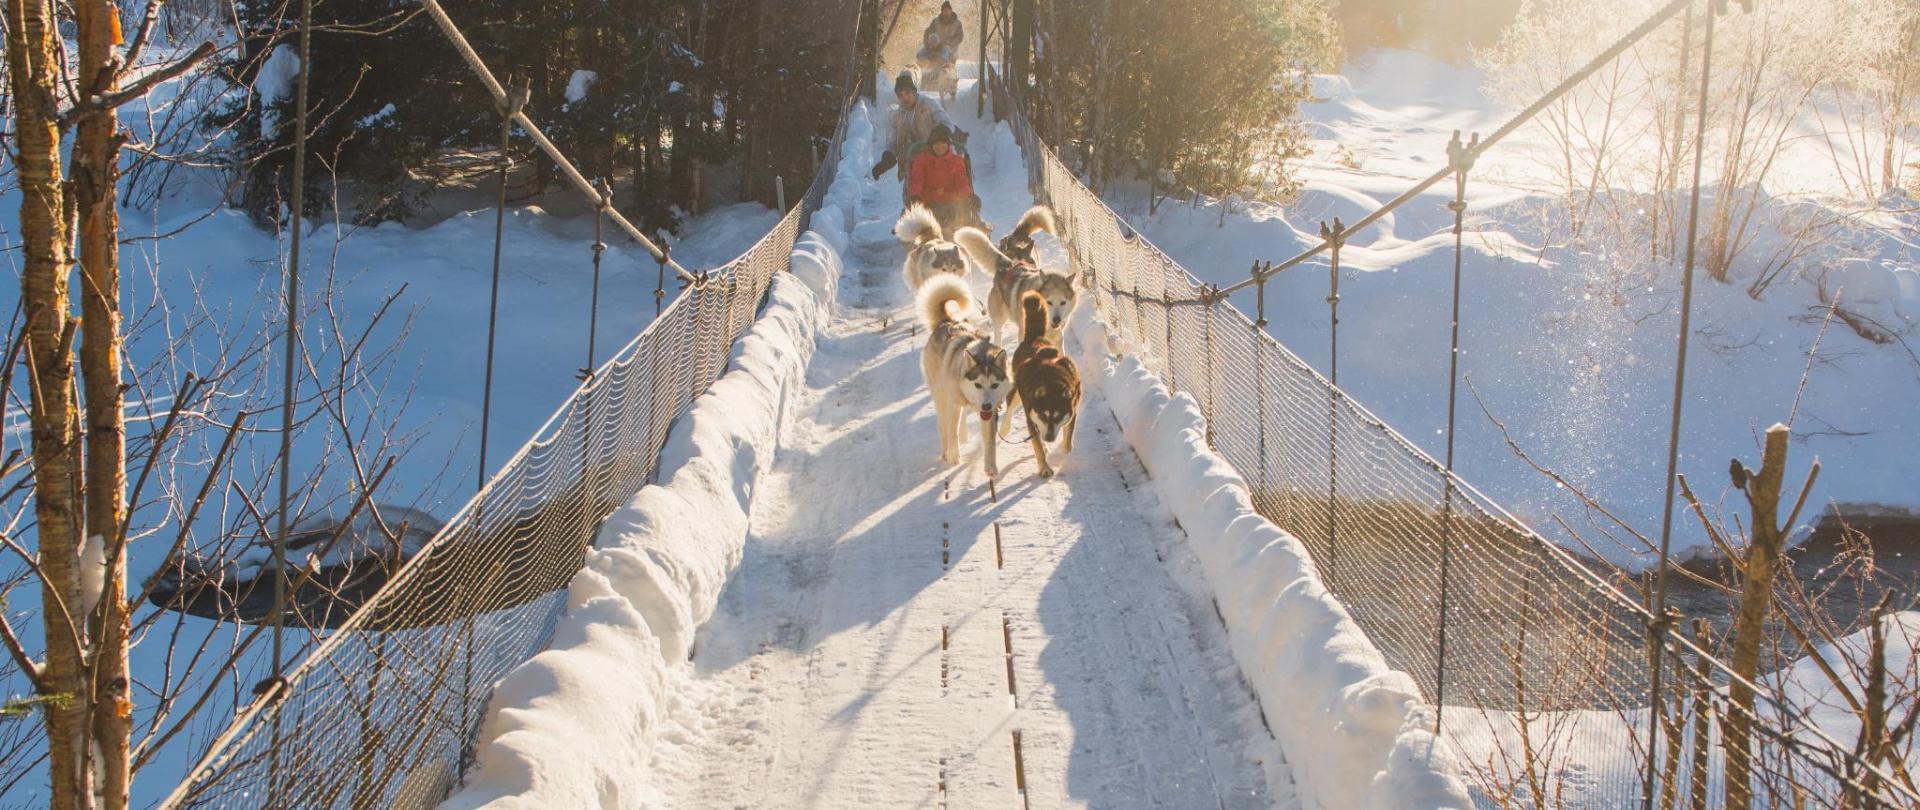 0283_Traîneau_à_chien_Dogsled_ride_SZ-biy500Aaf6DfyyJTh2ms18q0ABlZBh.jpg